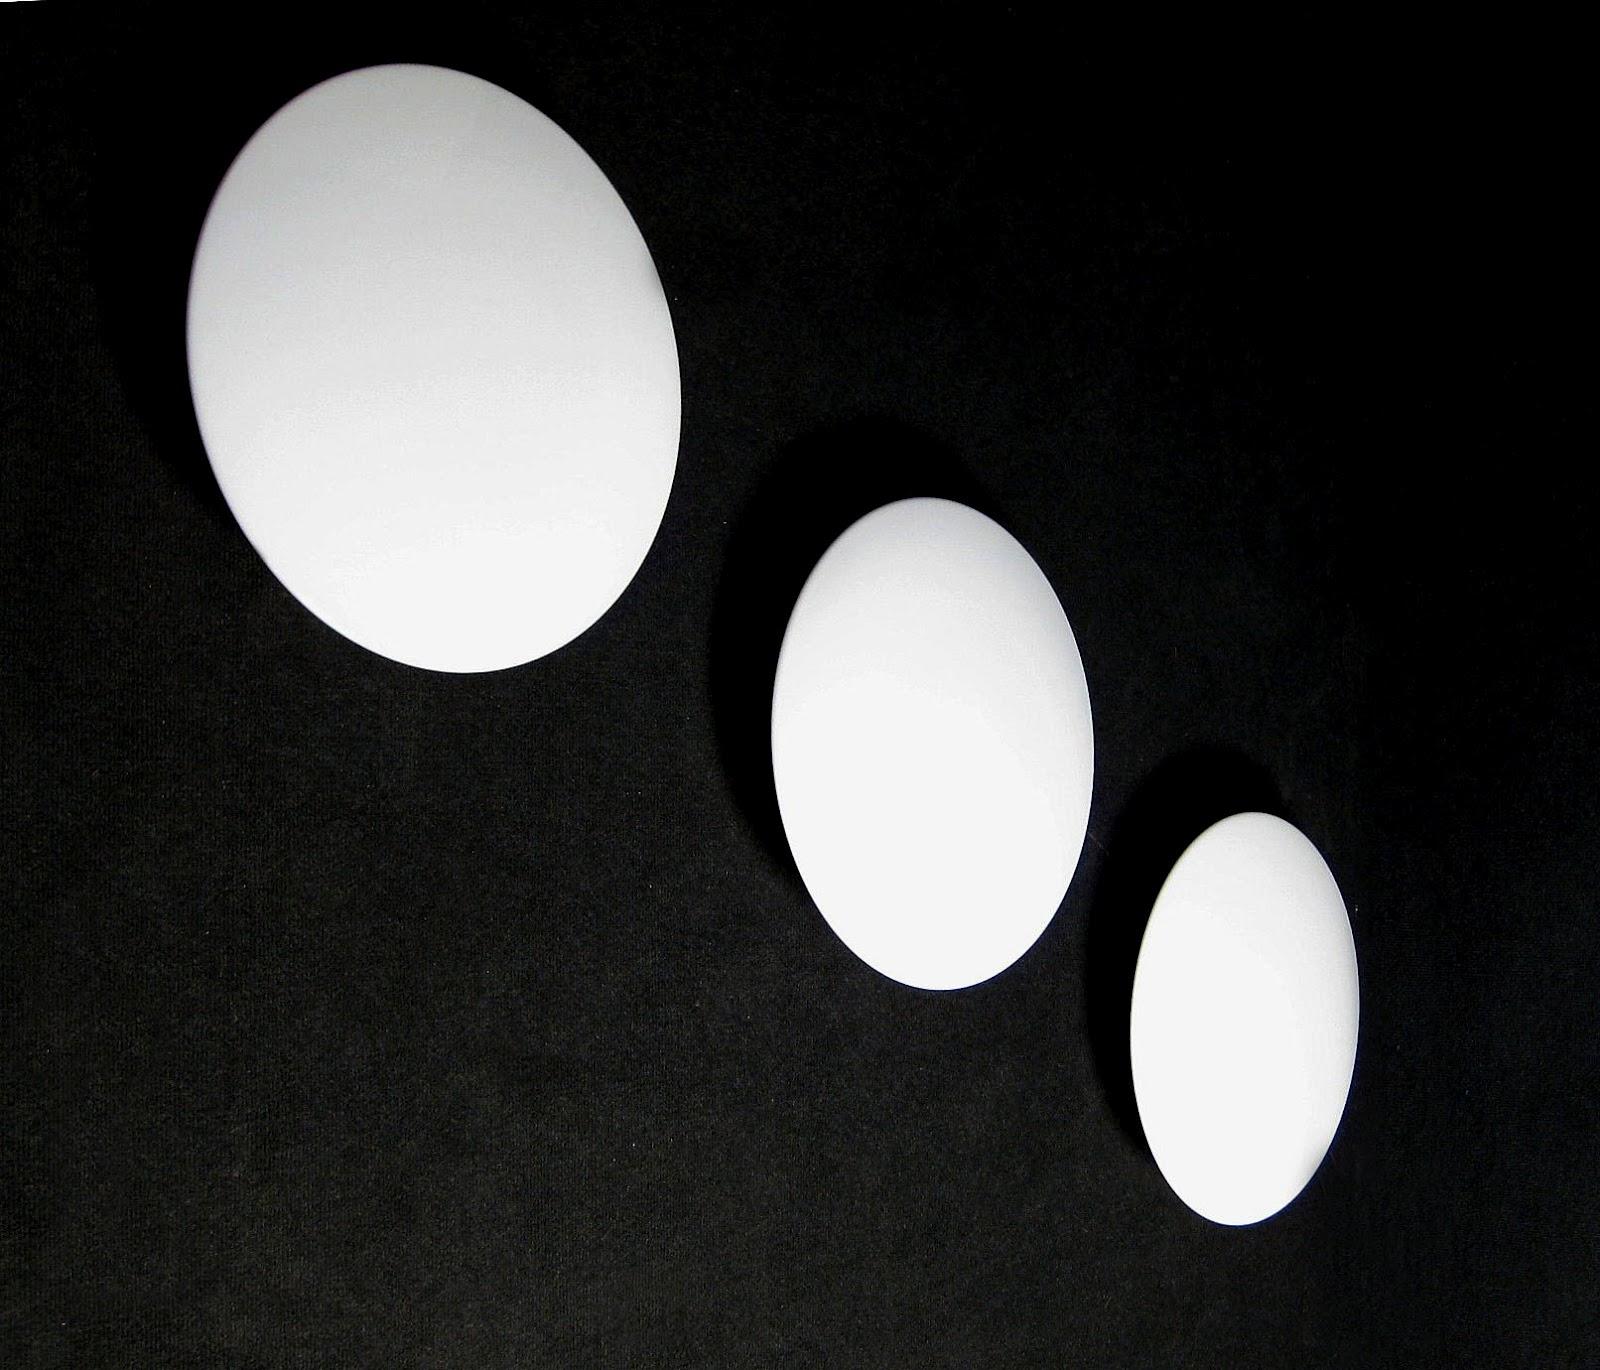 http://1.bp.blogspot.com/-jN_Fup3BukY/T6lyY9bao-I/AAAAAAAAMzw/yDbjPlCrfos/s1600/round_wall_lamps.jpg